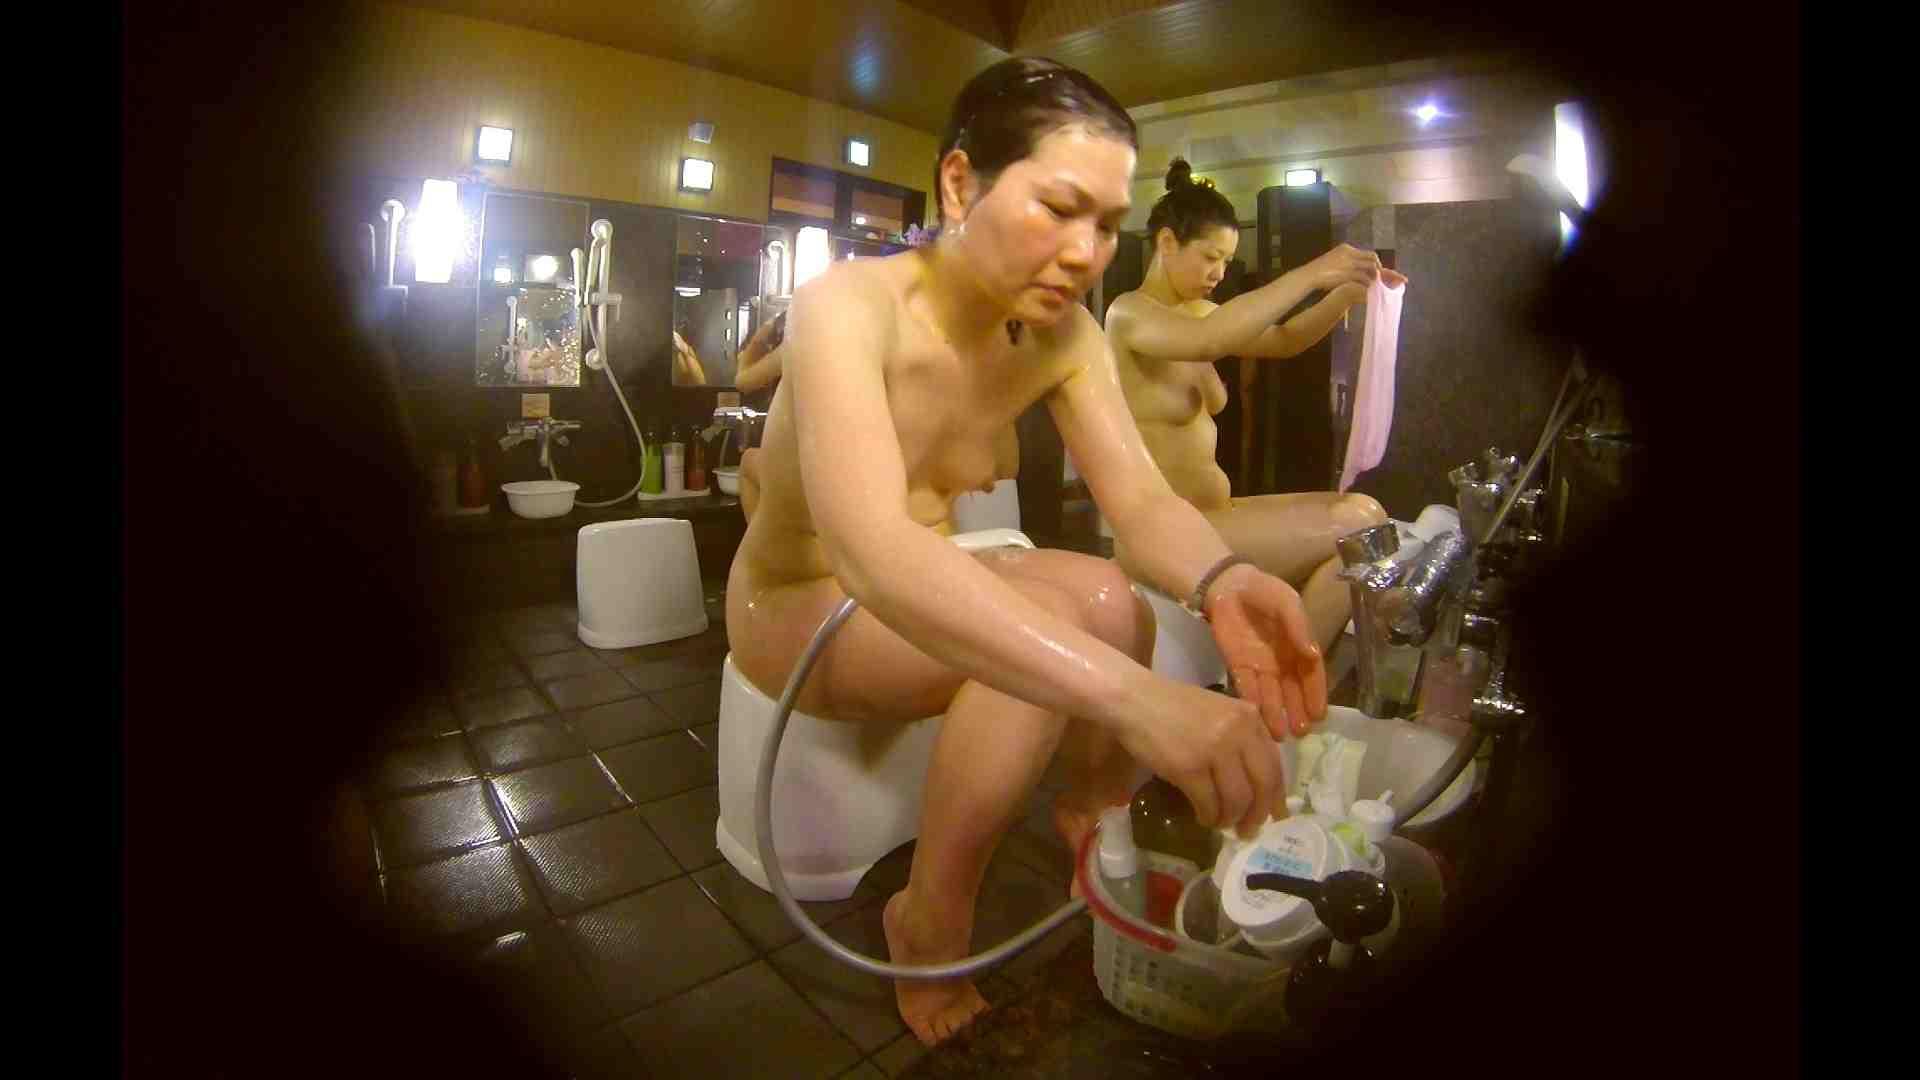 オムニバス!洗い場、通路など色々な裸体が見れてお得です。 銭湯事情 われめAV動画紹介 89枚 71